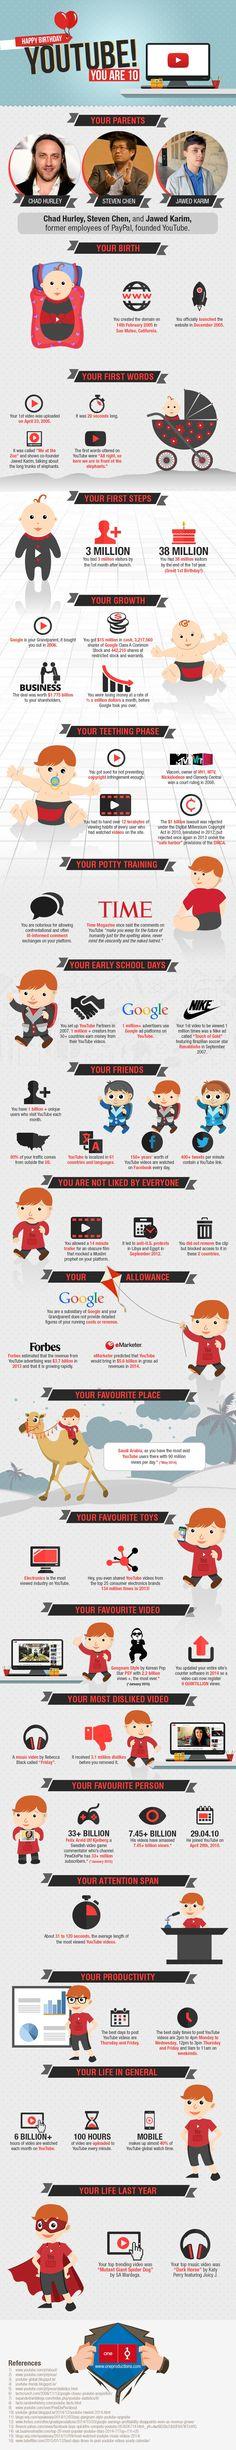 Una infografía con Datos sobre YouTube en sus primeros 10 años.